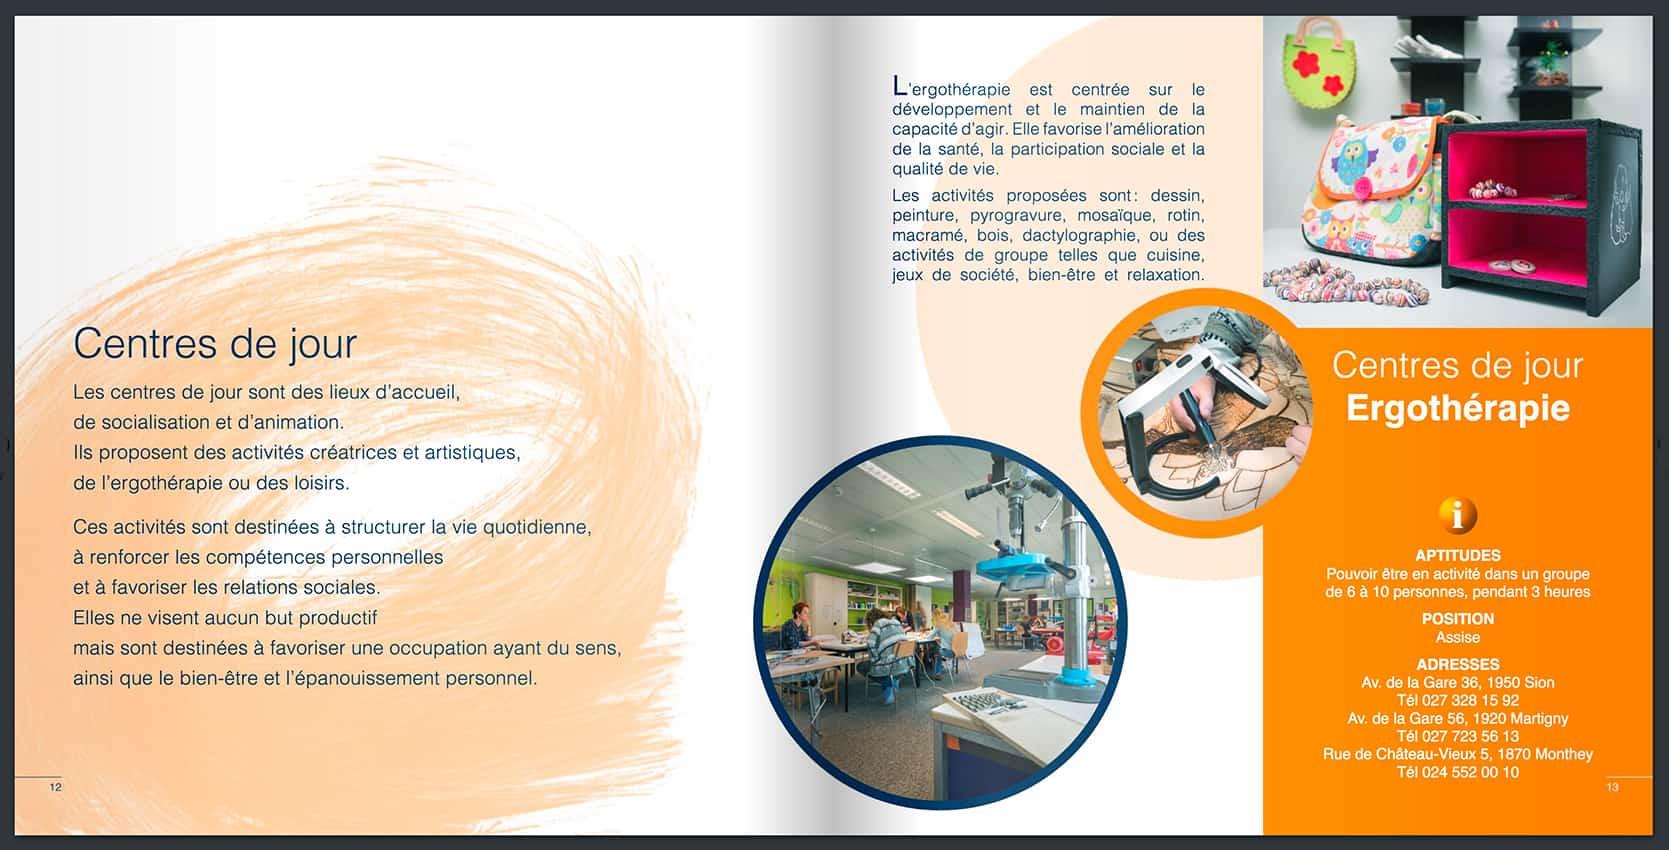 3 - Anne Catherine Franzetti atelier de graphisme : logotypes, affiches, édition, signalétique, cartes de visite, prospectus, packaging, valais martigny - cat atelier